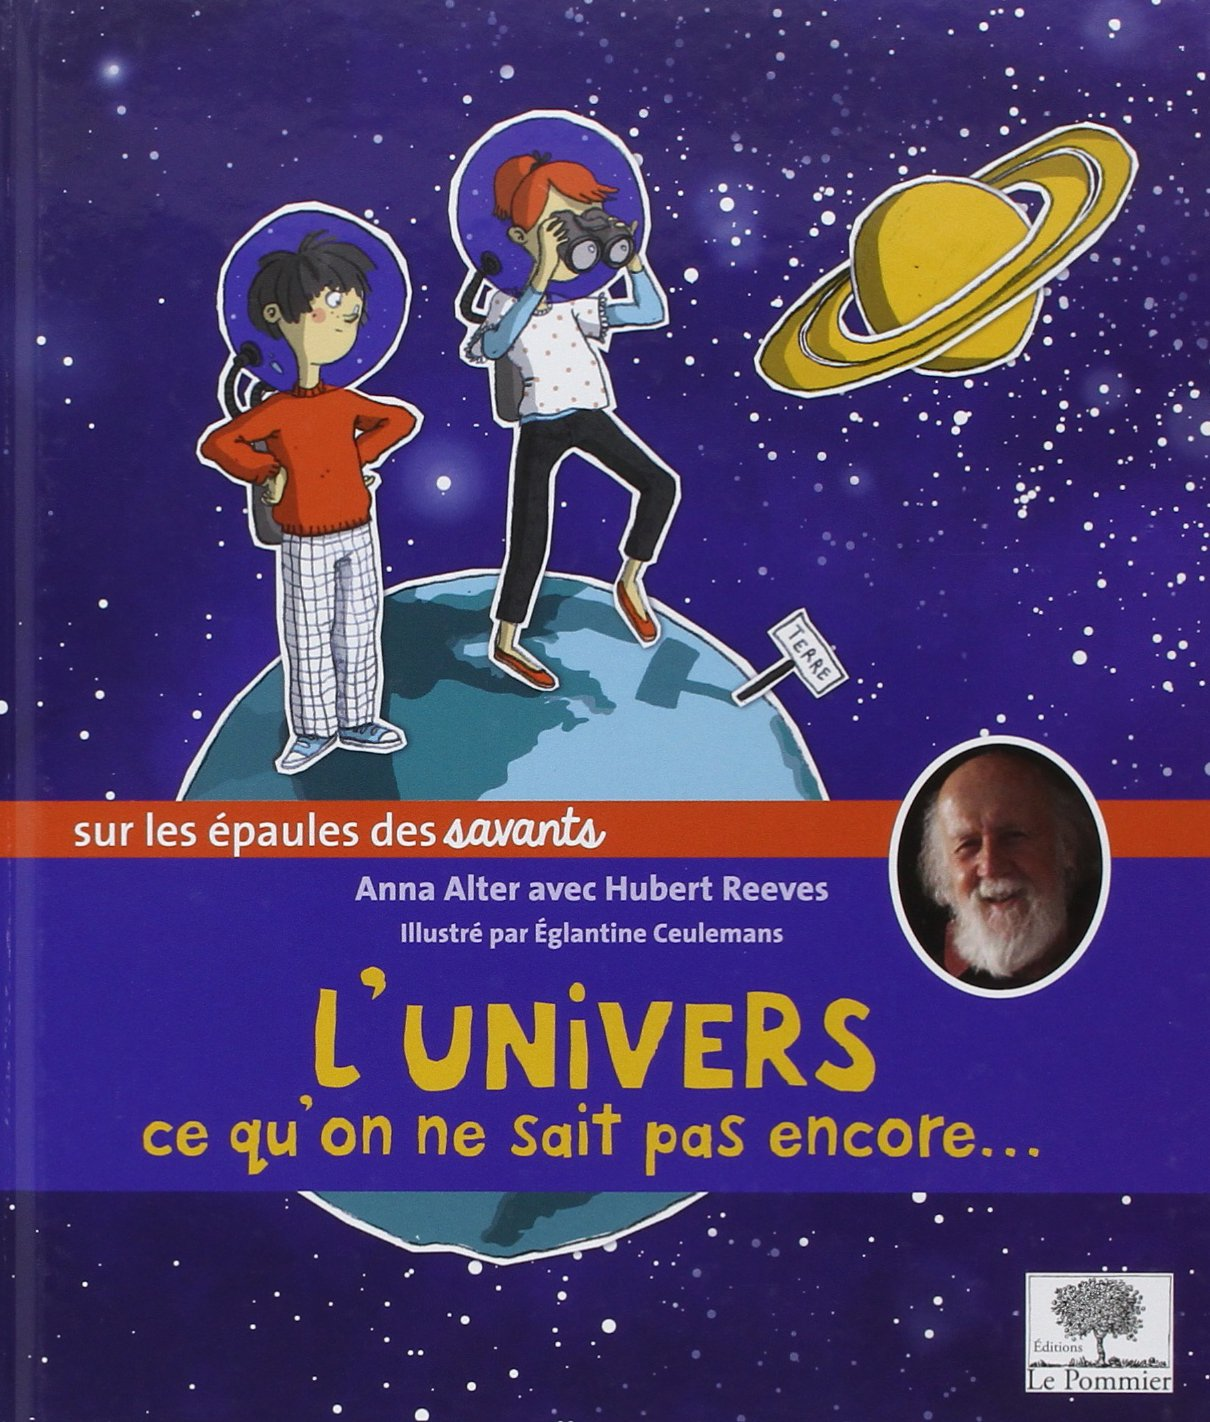 L'Univers, ce qu'on ne sait pas encore... Album – 11 juin 2013 Anna Alter Hubert Reeves Eglantine Ceulemans L' Univers